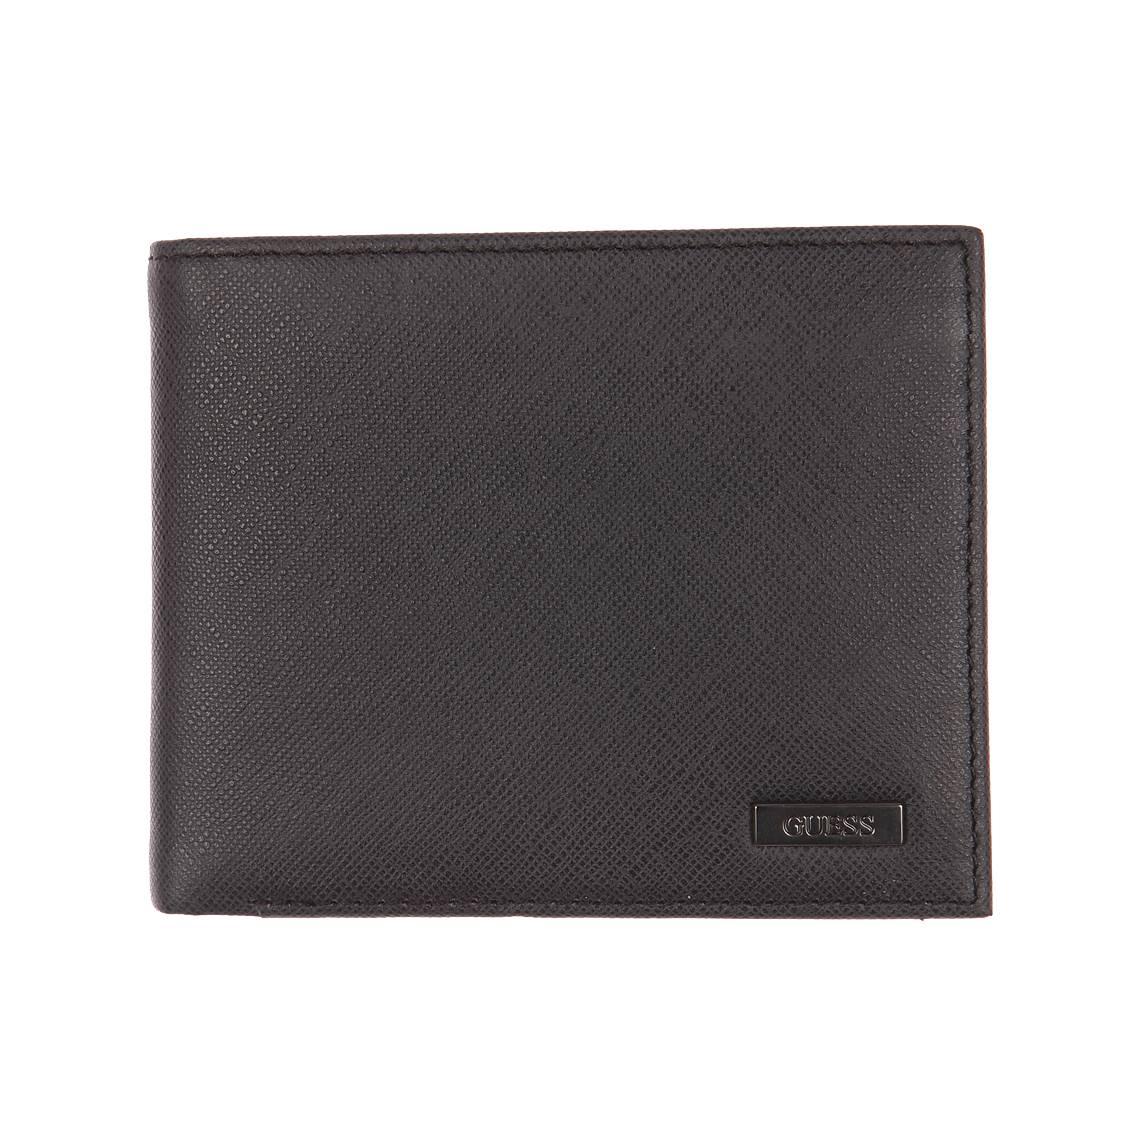 Portefeuille italien 2 volets Guess en cuir grainé noir à porte-monnaie ECIwU2zh